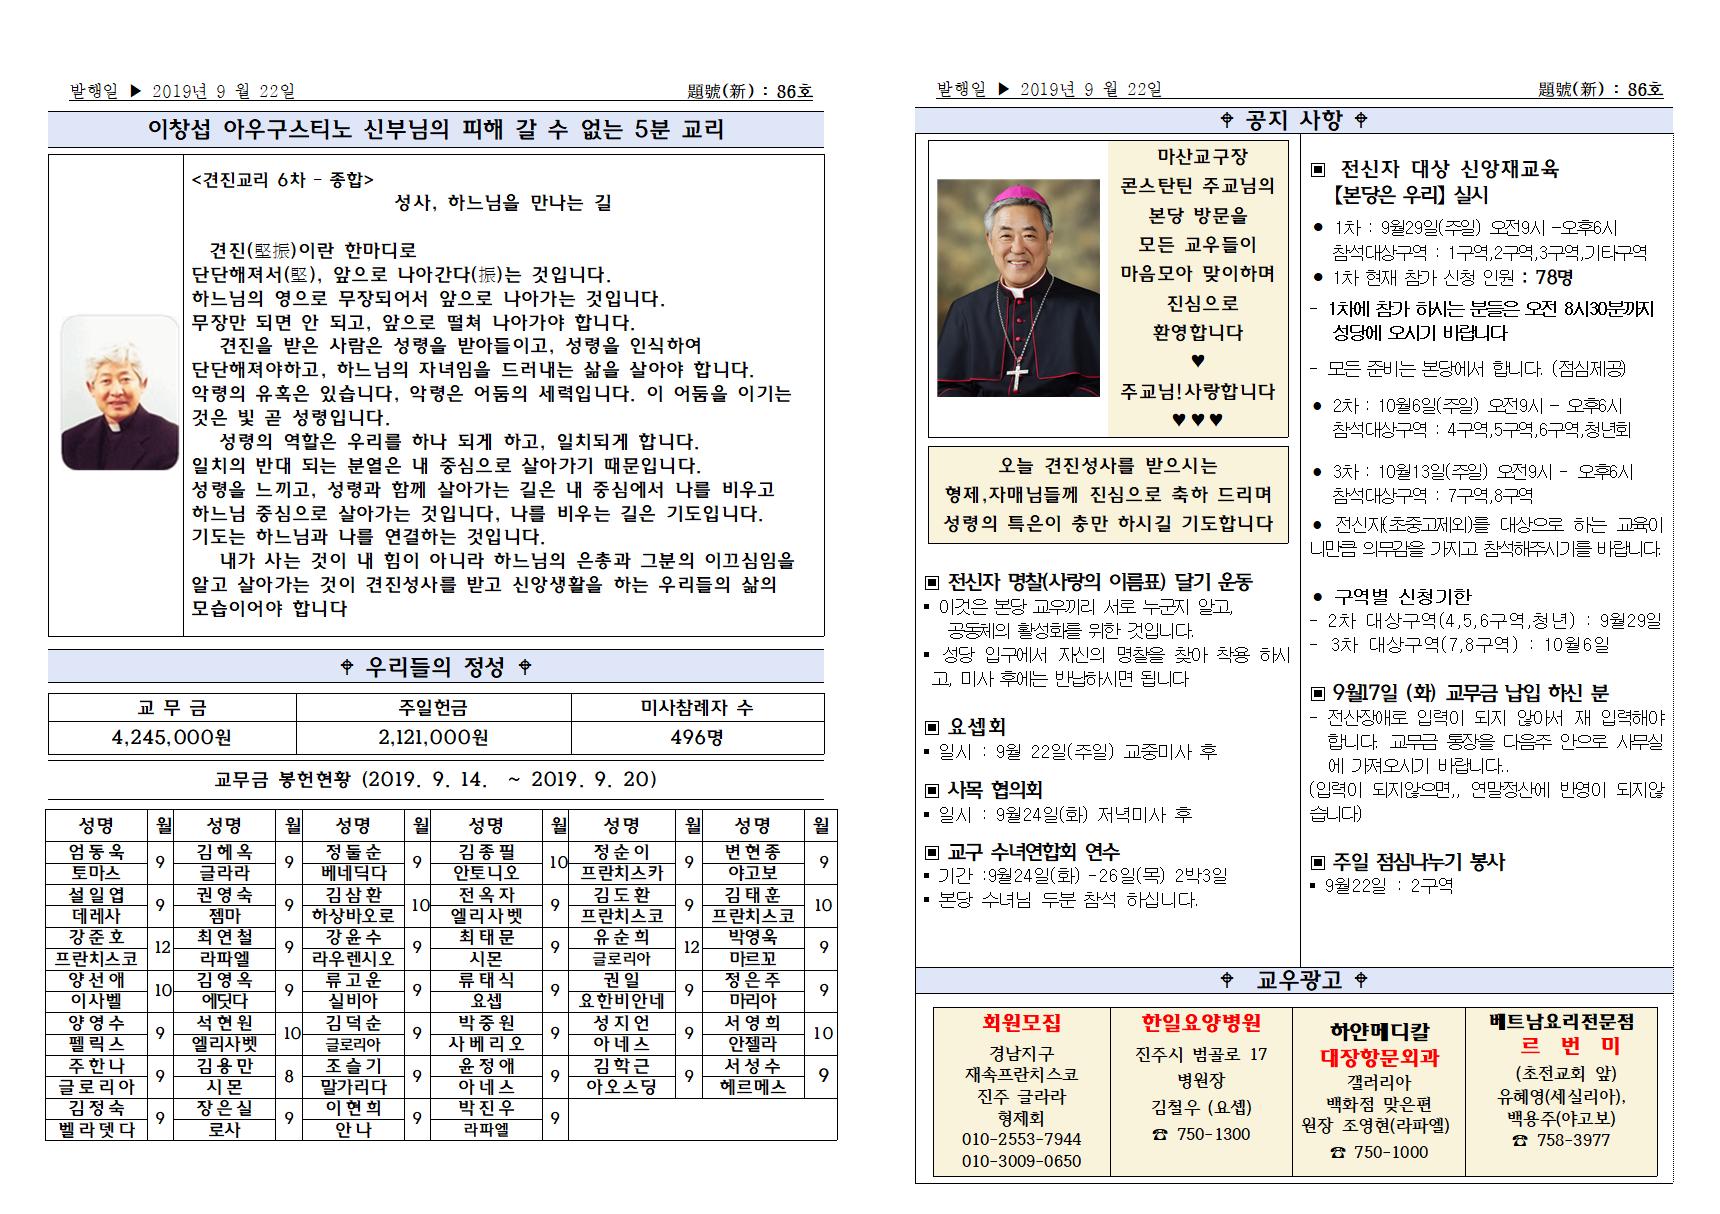 성김대건안드레아사제와성정하상바오로와동료순교자들대축일경축이동(9월22일)주보002.png